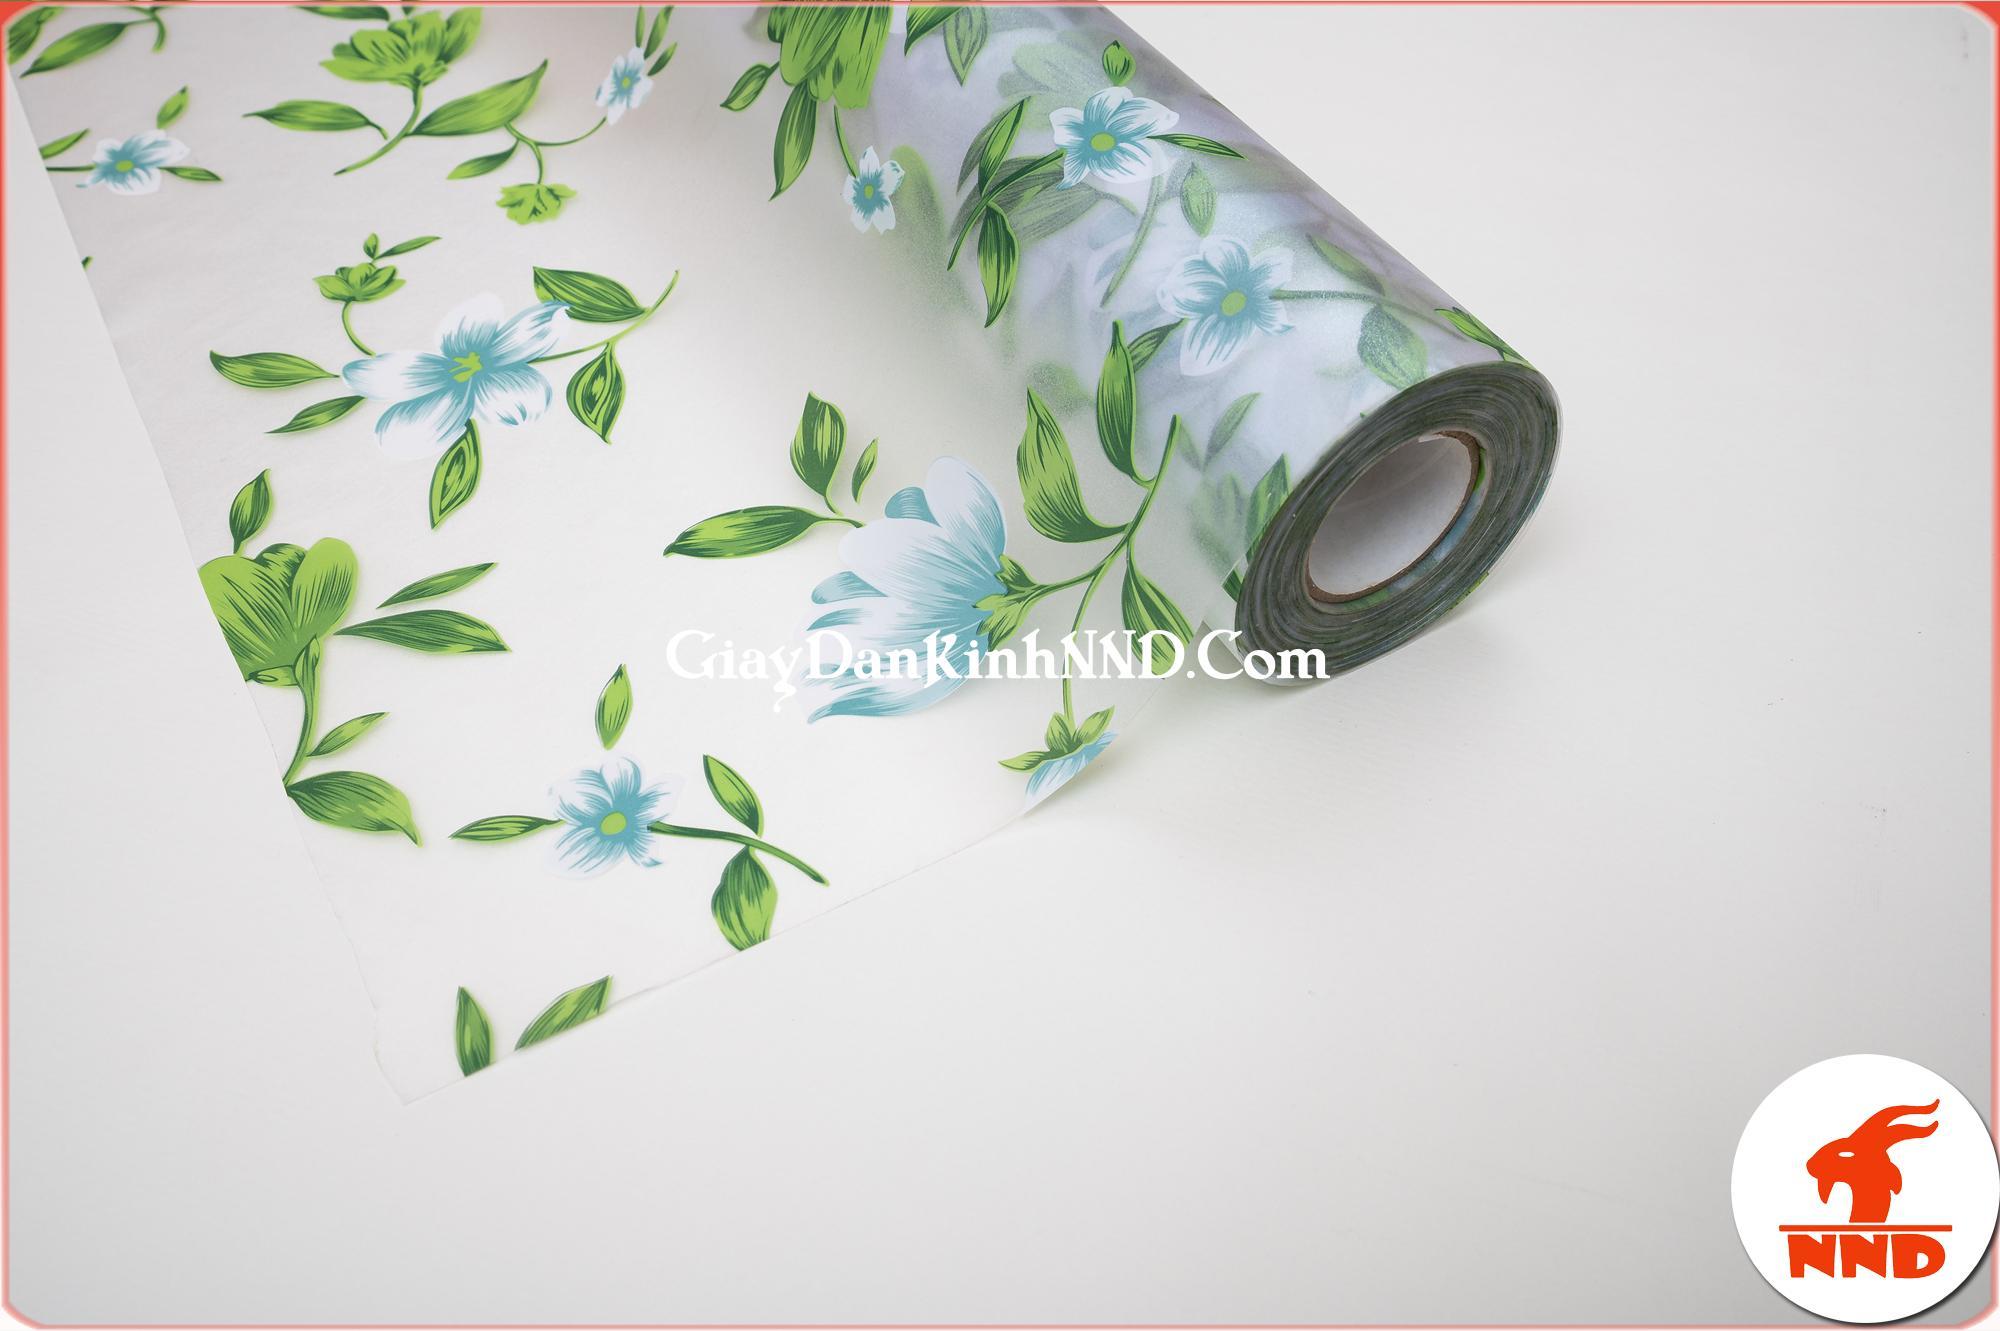 Mua giấy dán kính theo cuộn sẽ được giá ưu đãi nhất